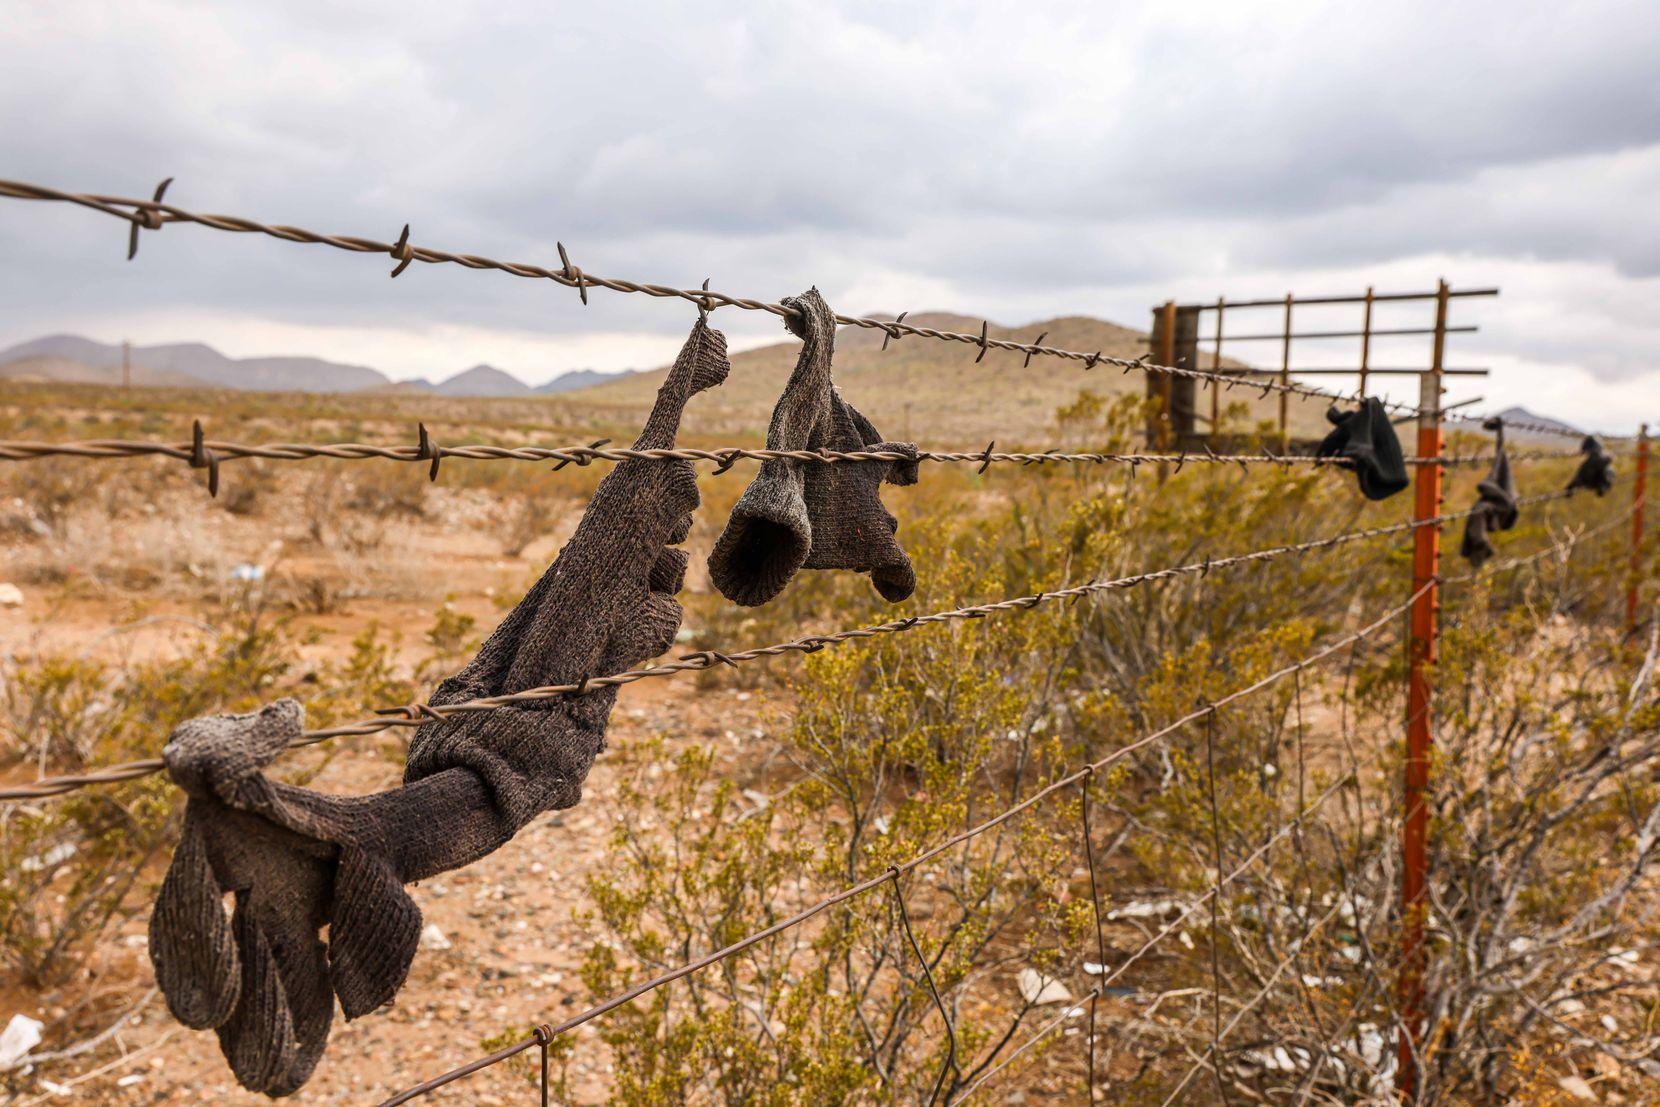 Varios guantes para el invierno quedaron atrapados en una cerca de alambre de púas cerca de la Interestatal 10 en Van Horn, parte del condado Culberson, al oeste de Texas.